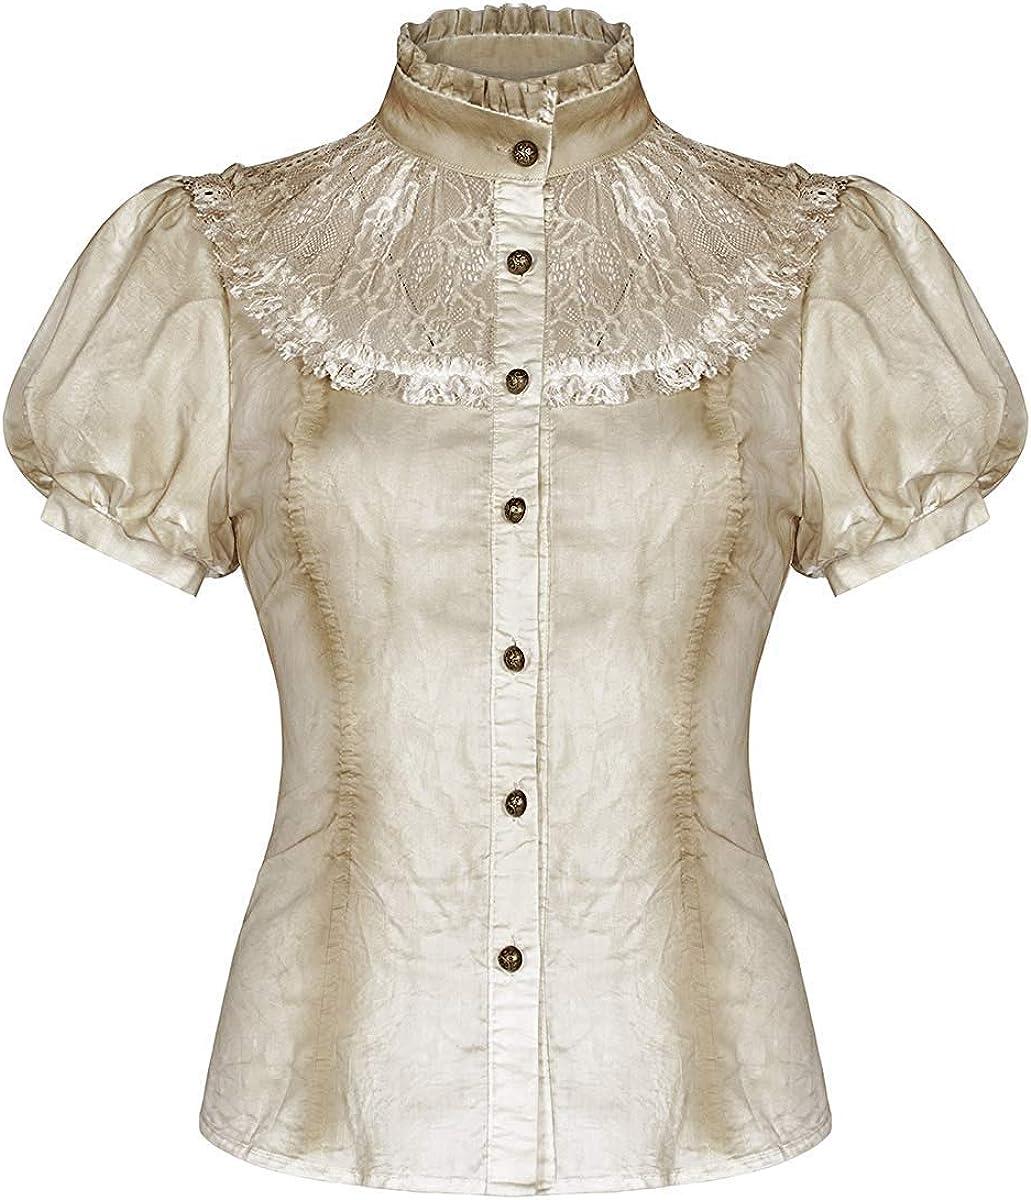 Punk Rave Mujer Steampunk Blusa Top Blanco Roto Encaje Vintage Gótico Victoriano Camisa: Amazon.es: Ropa y accesorios